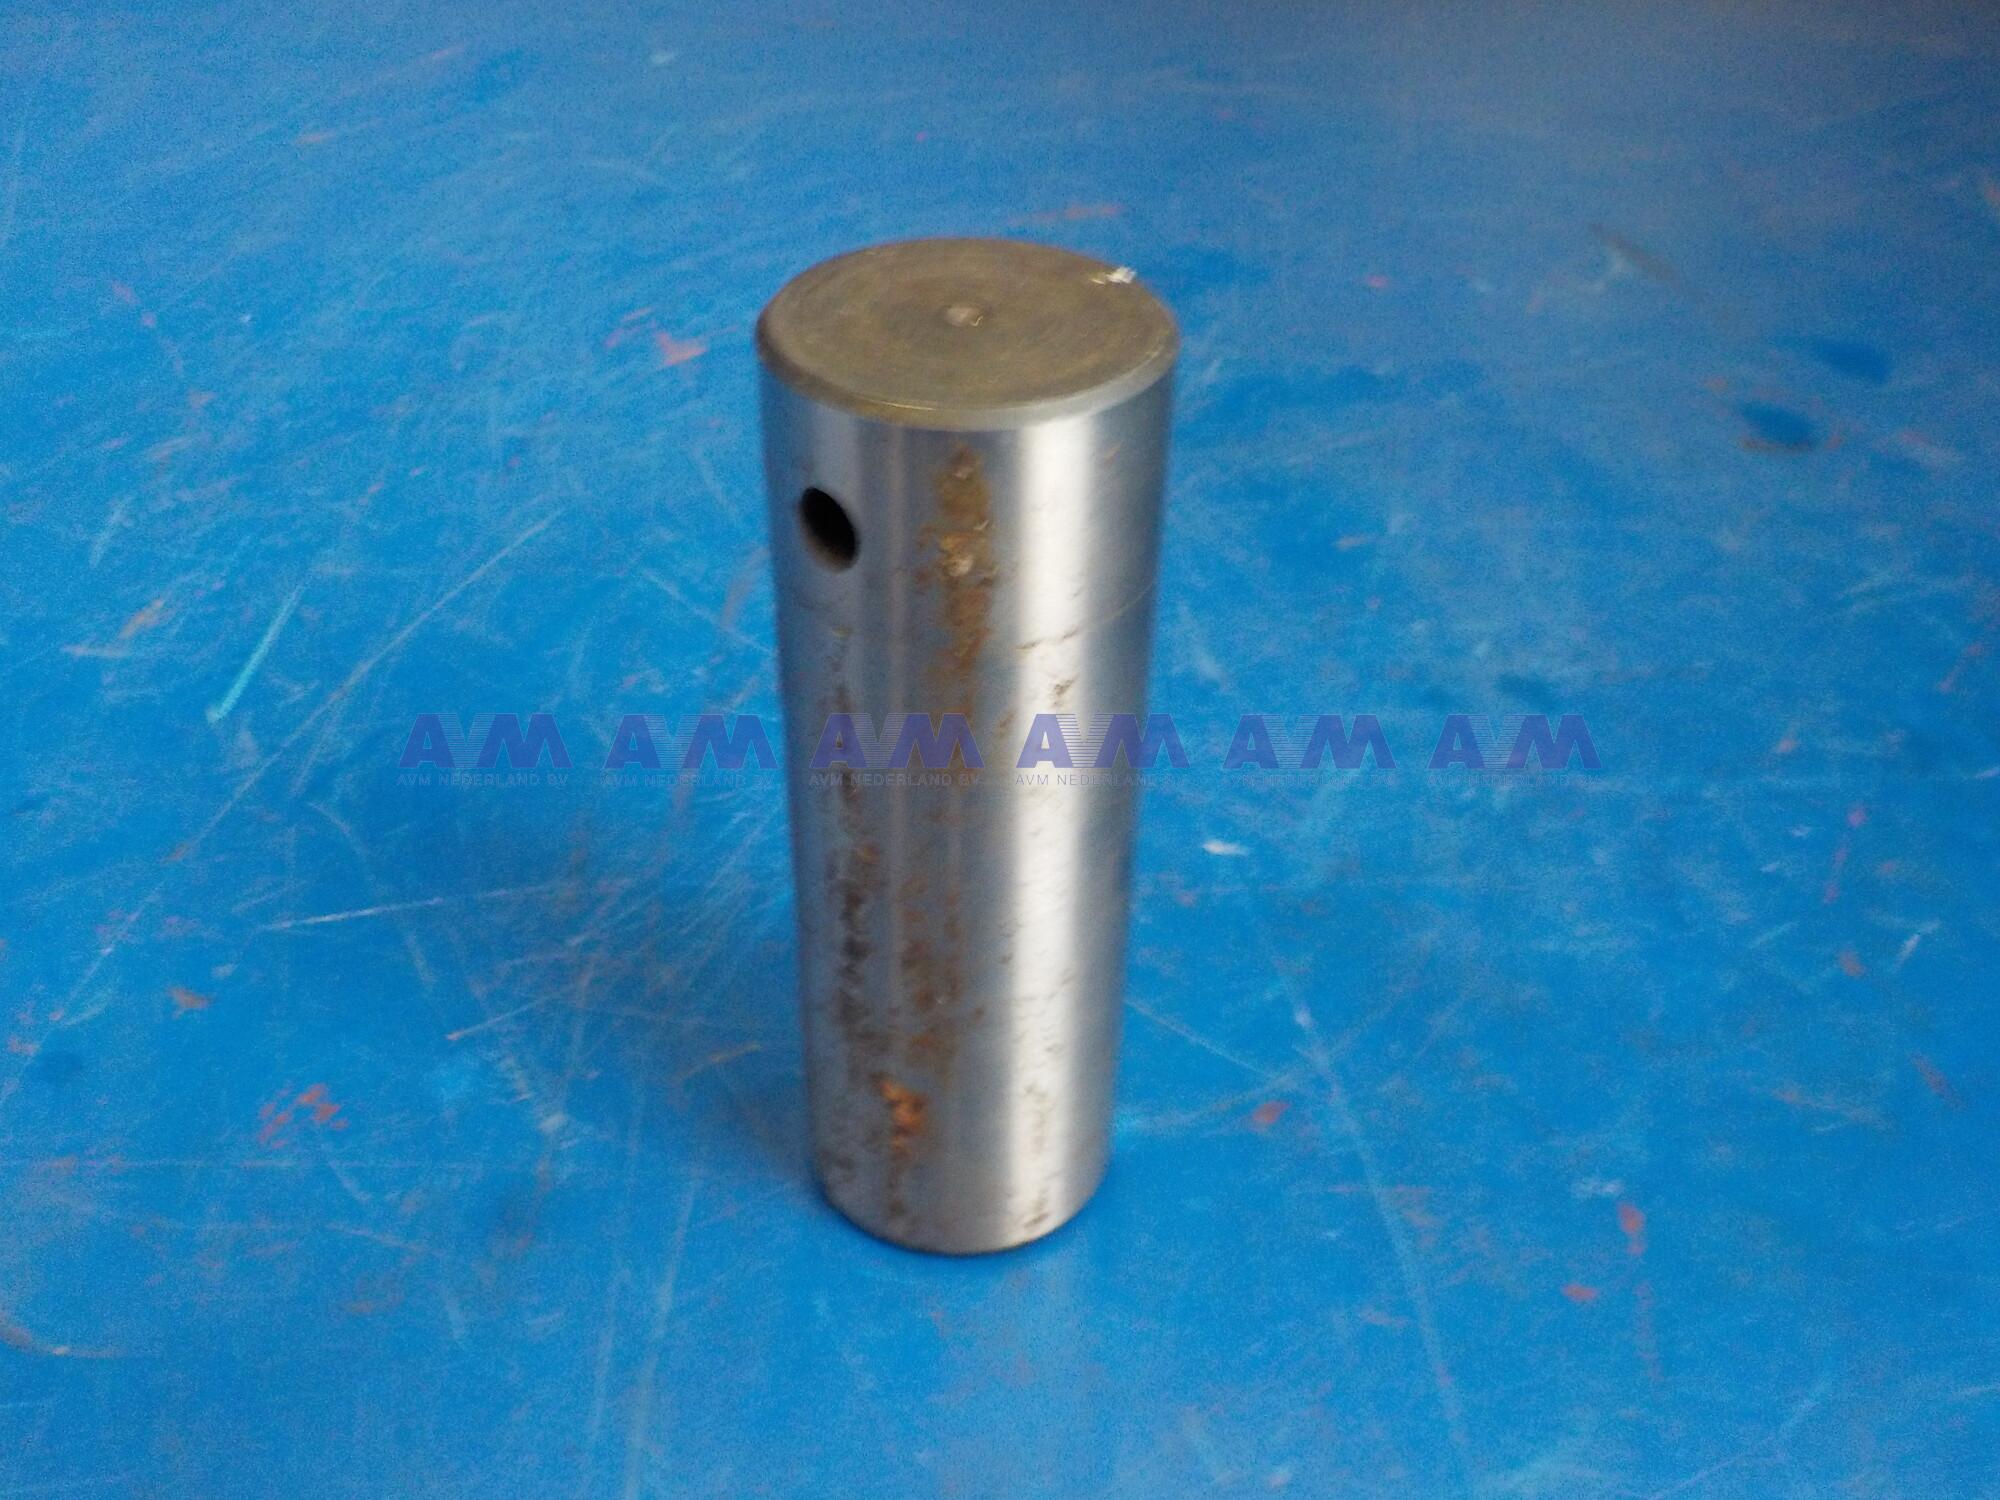 Pen eindplanetair 34,1x105 mm Kessler